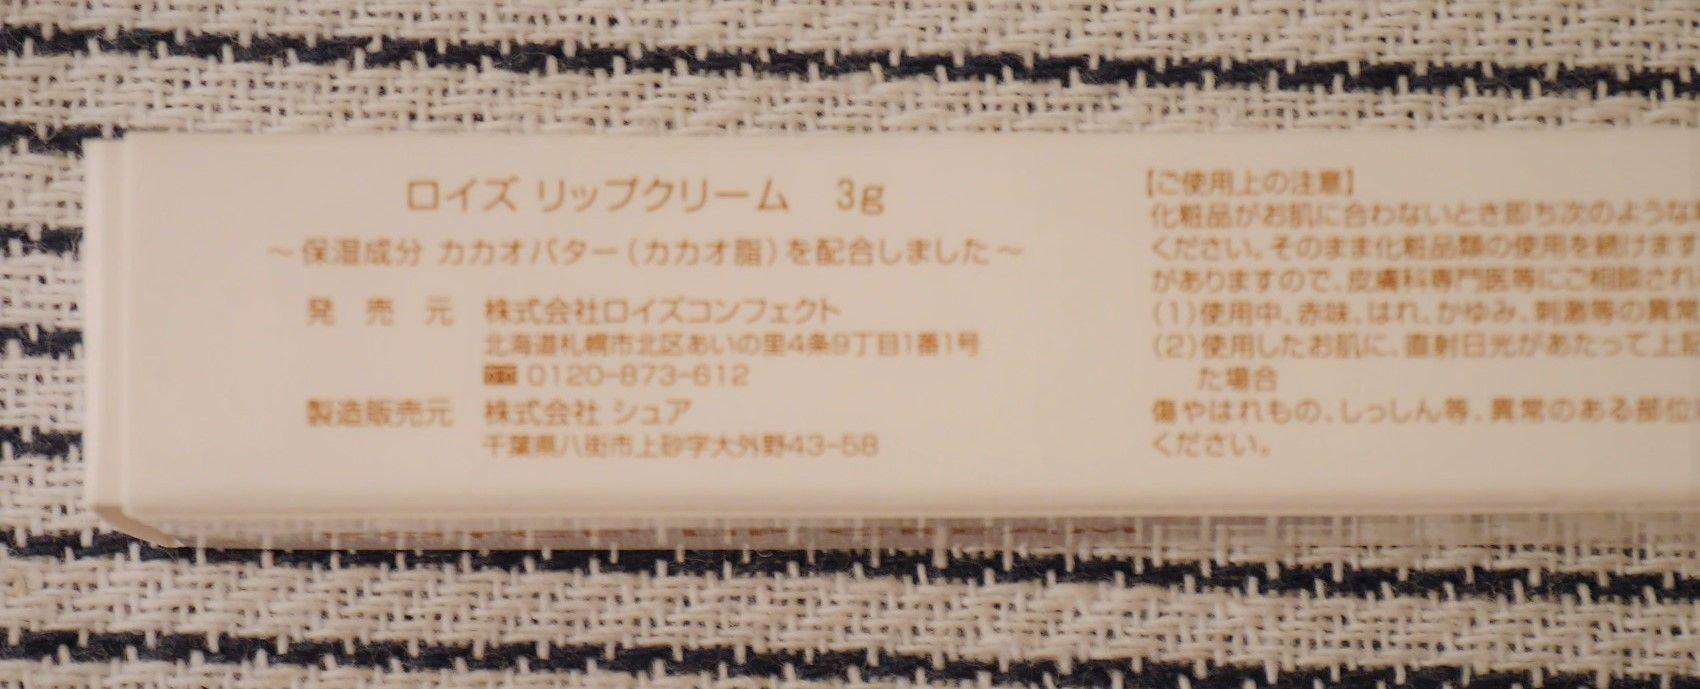 ロイズ_リップ_外箱